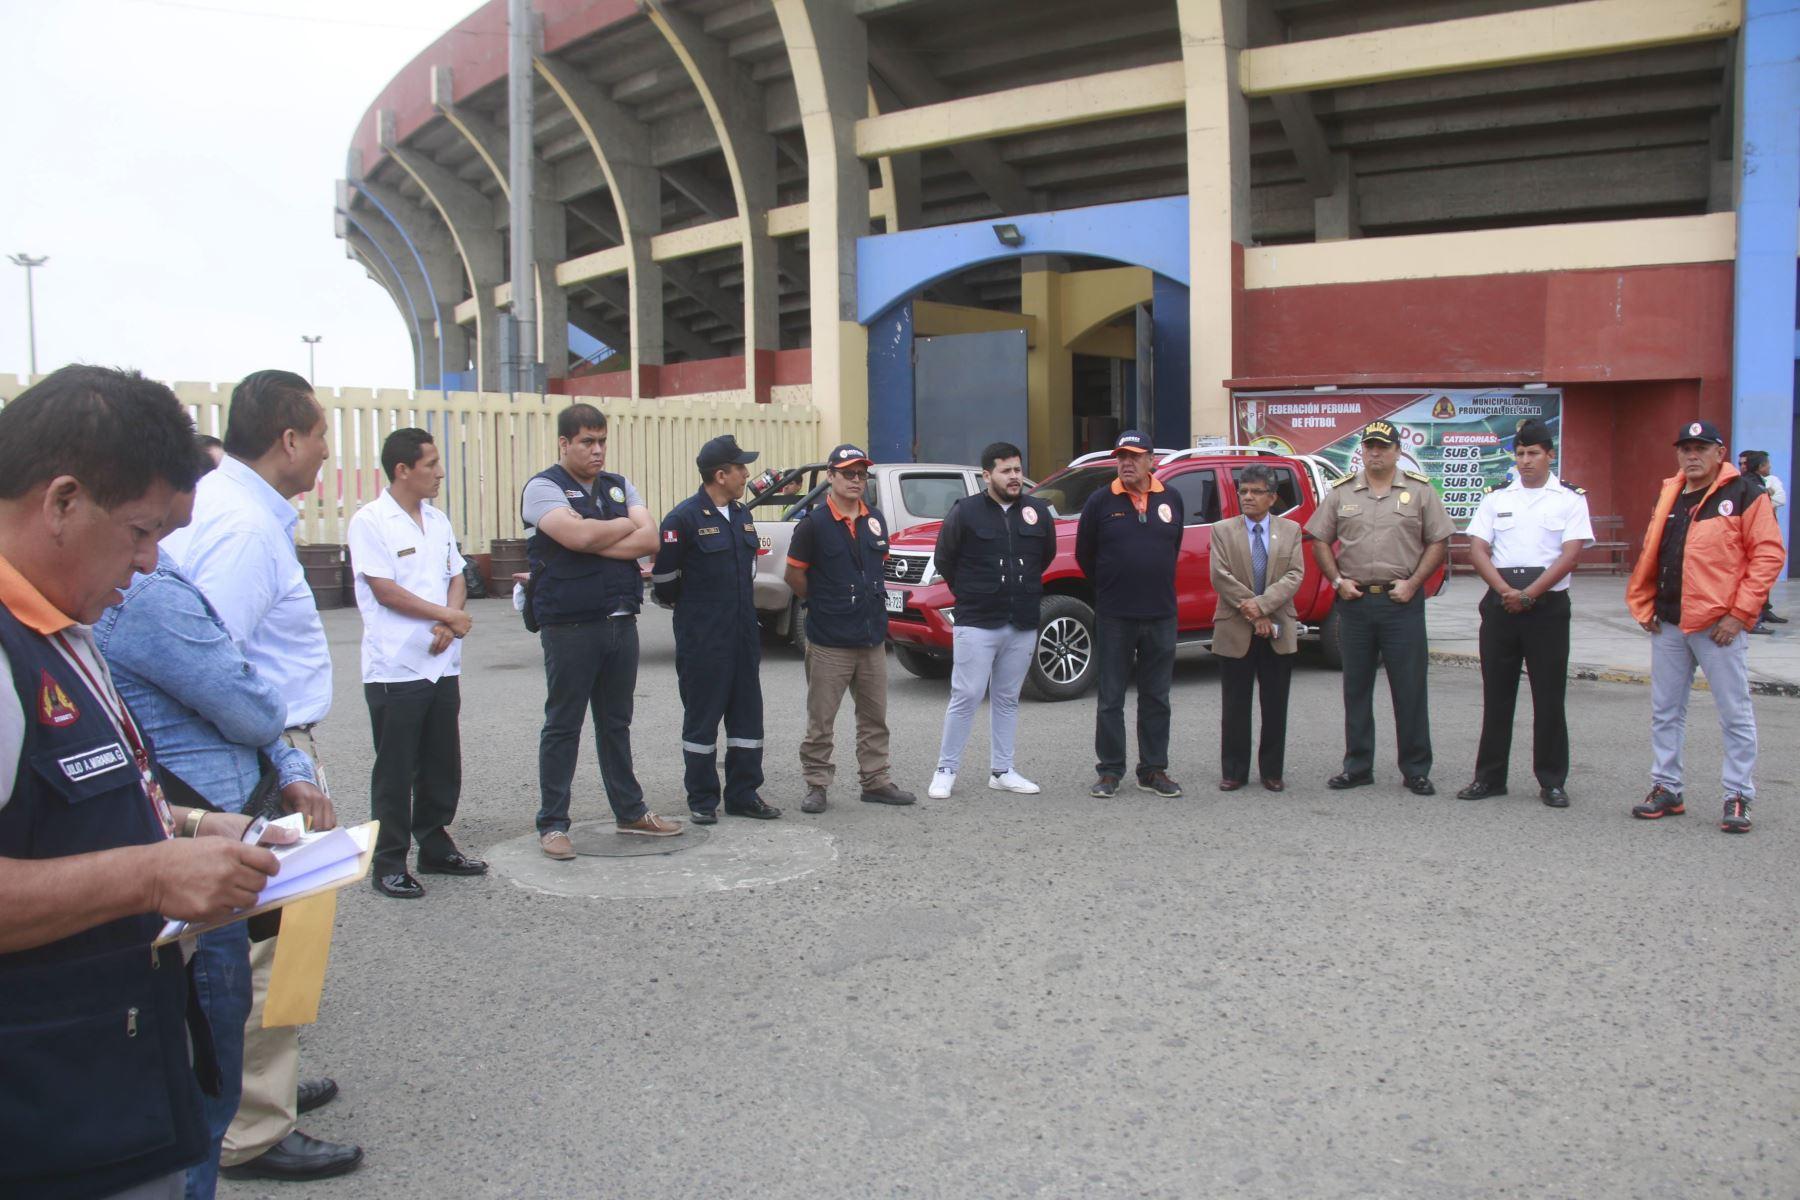 En el estadio municipal Manuel Rivera Sánchez de Chimbote, región Áncash,se instaló un punto de albergue temporal en caso de emergencia por desastres naturales.